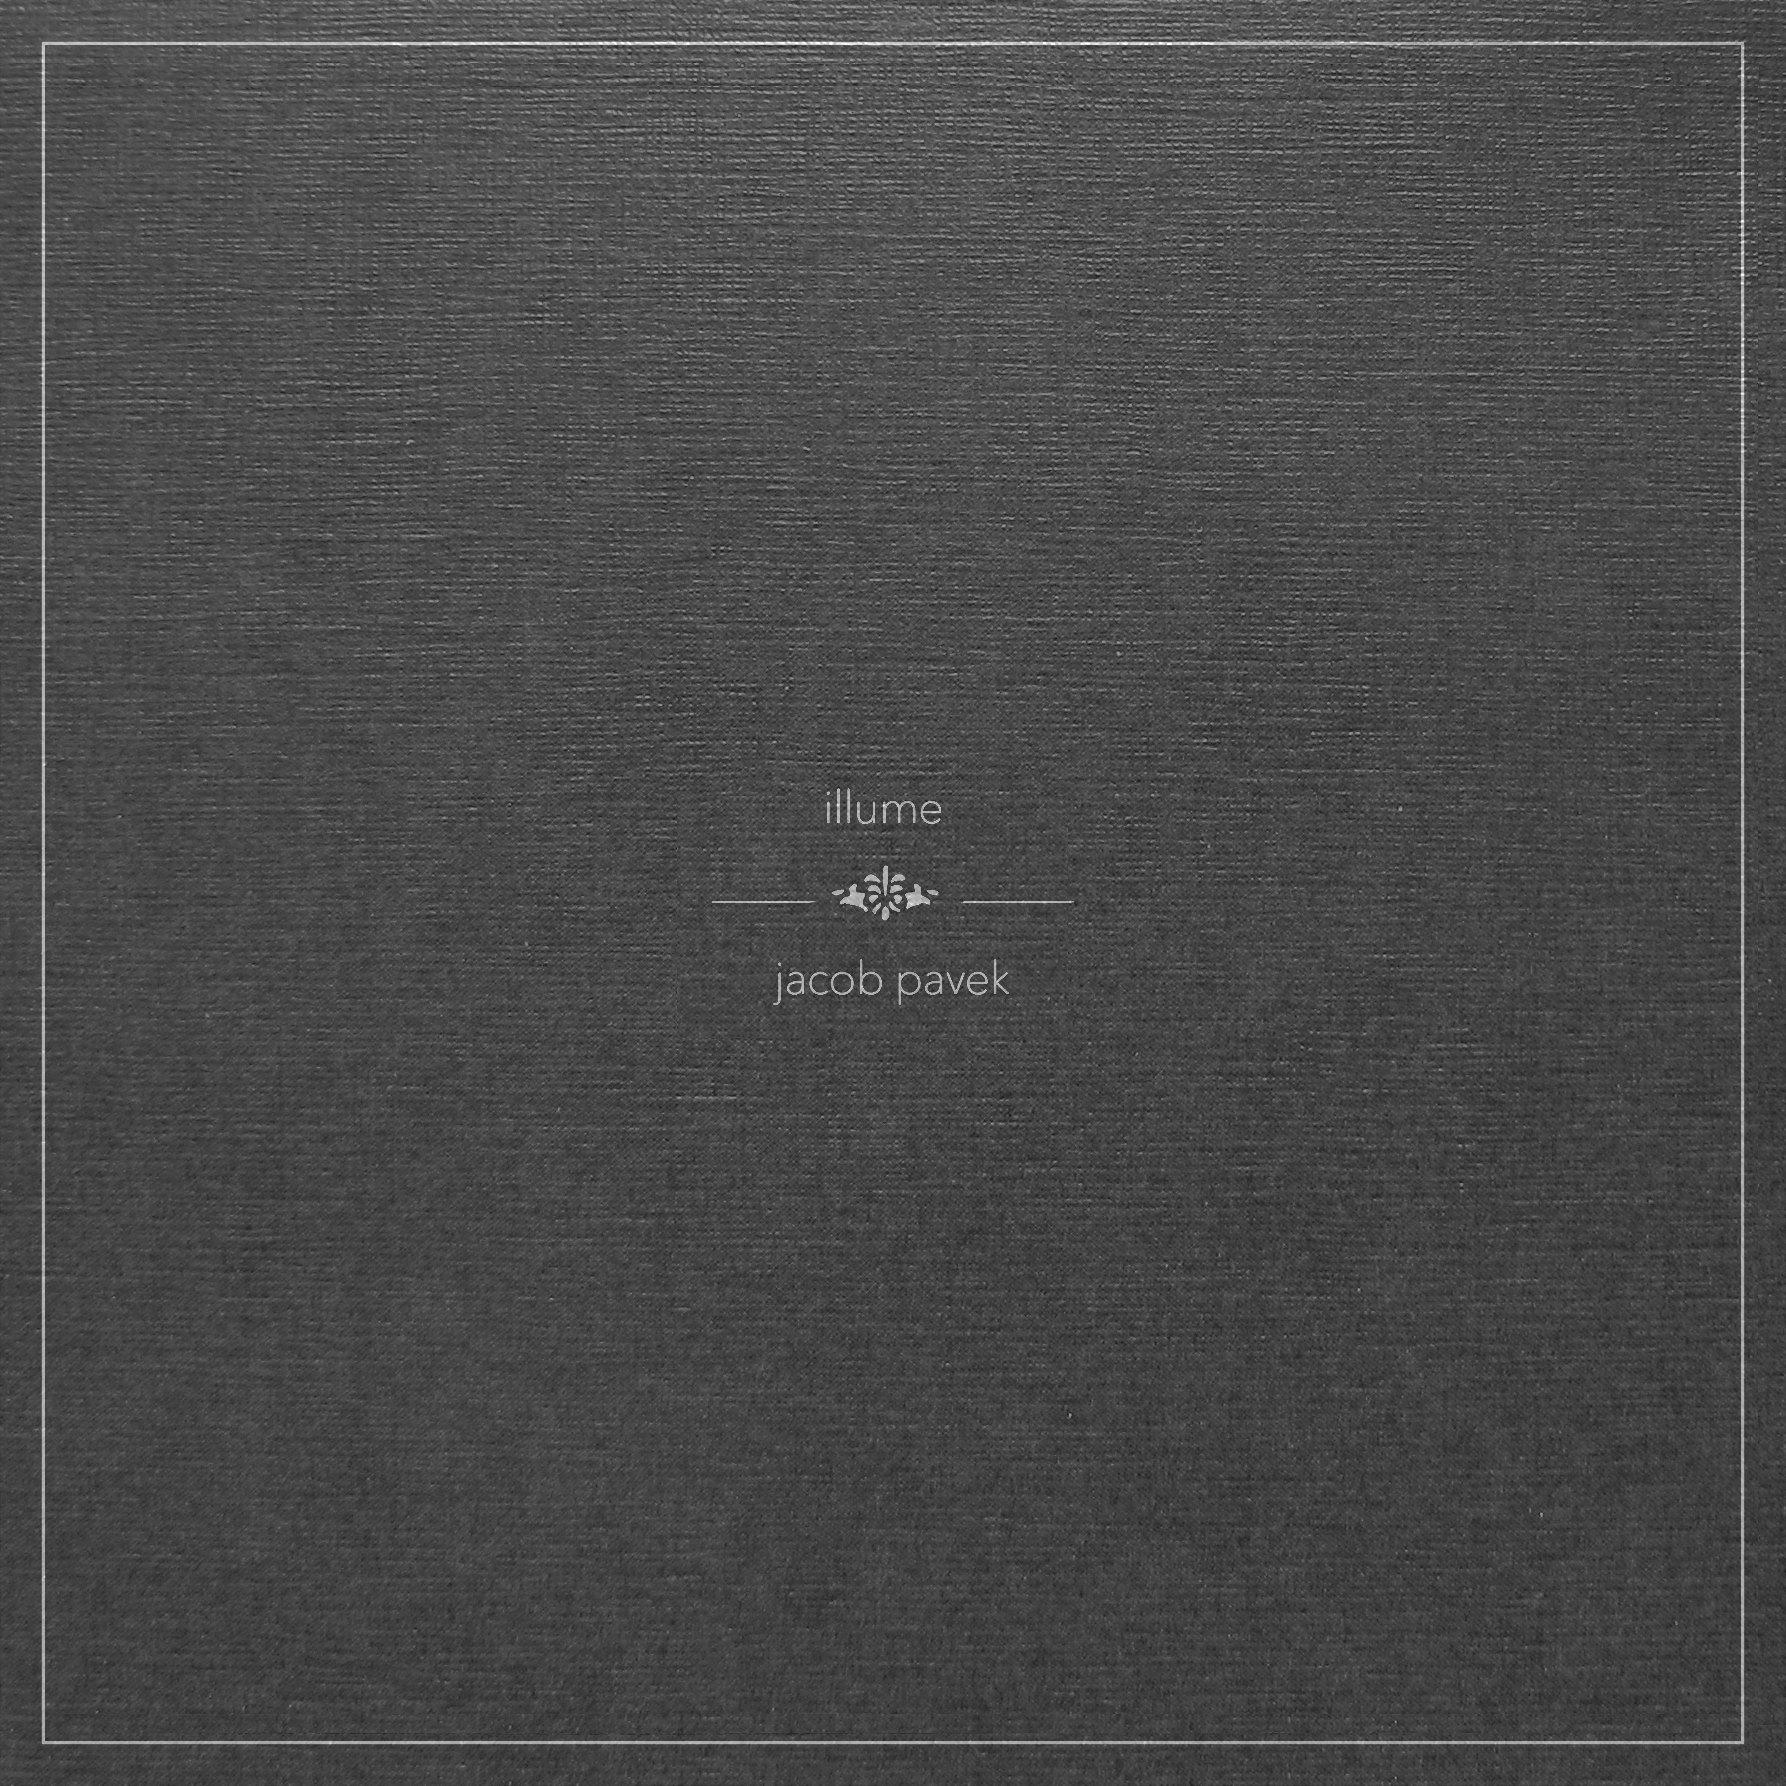 Illume Album Cover.jpg